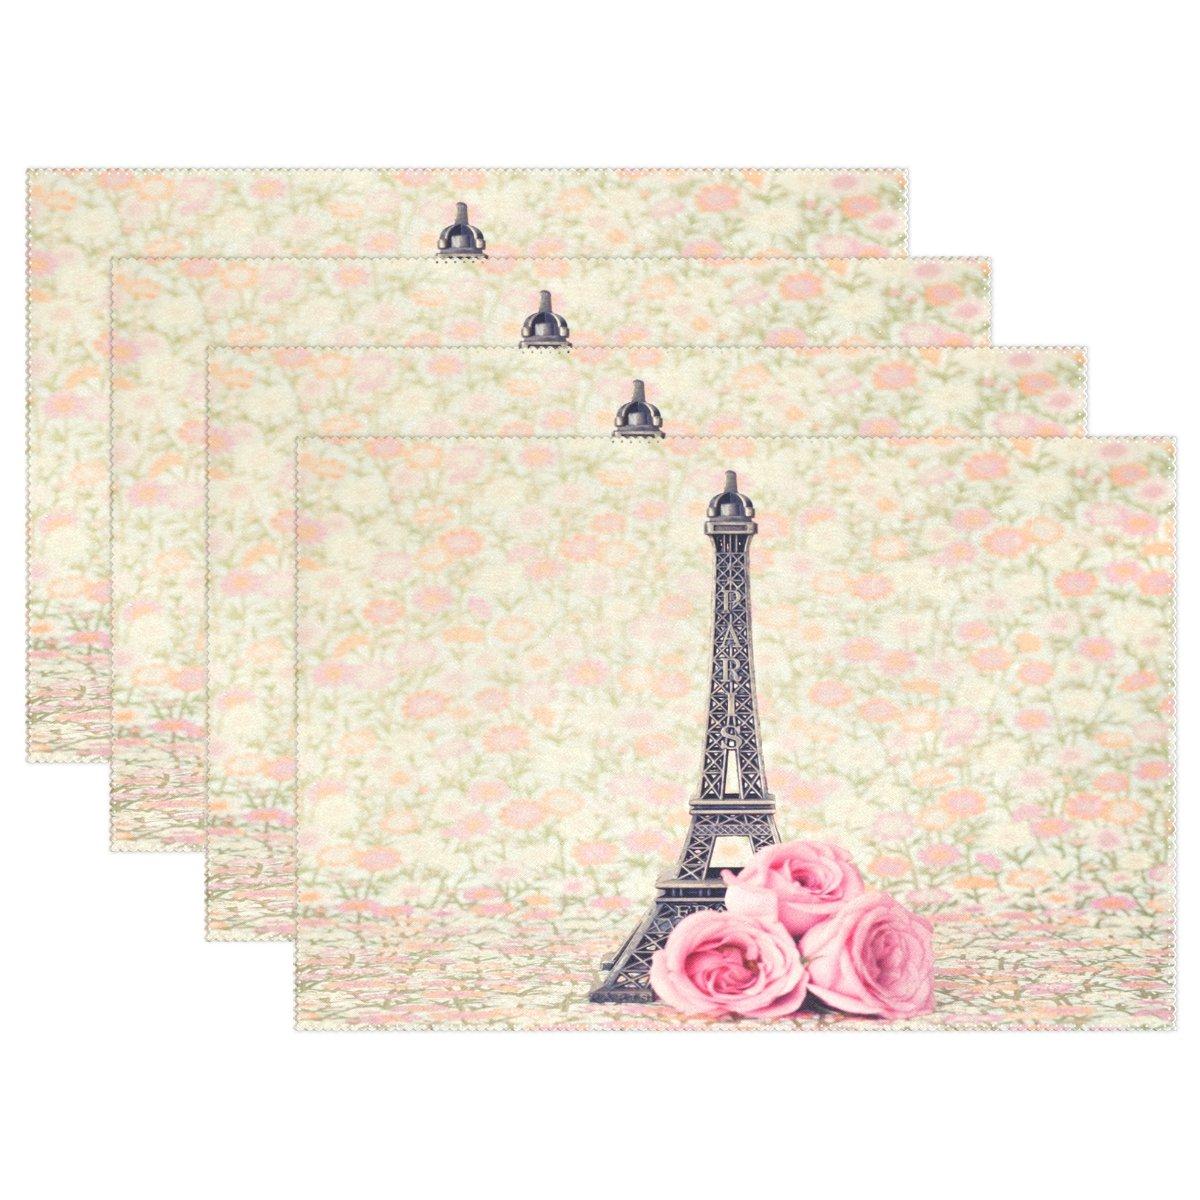 Wozoローズパリエッフェル塔プレースマットテーブルマット、フランスフローラル印刷12